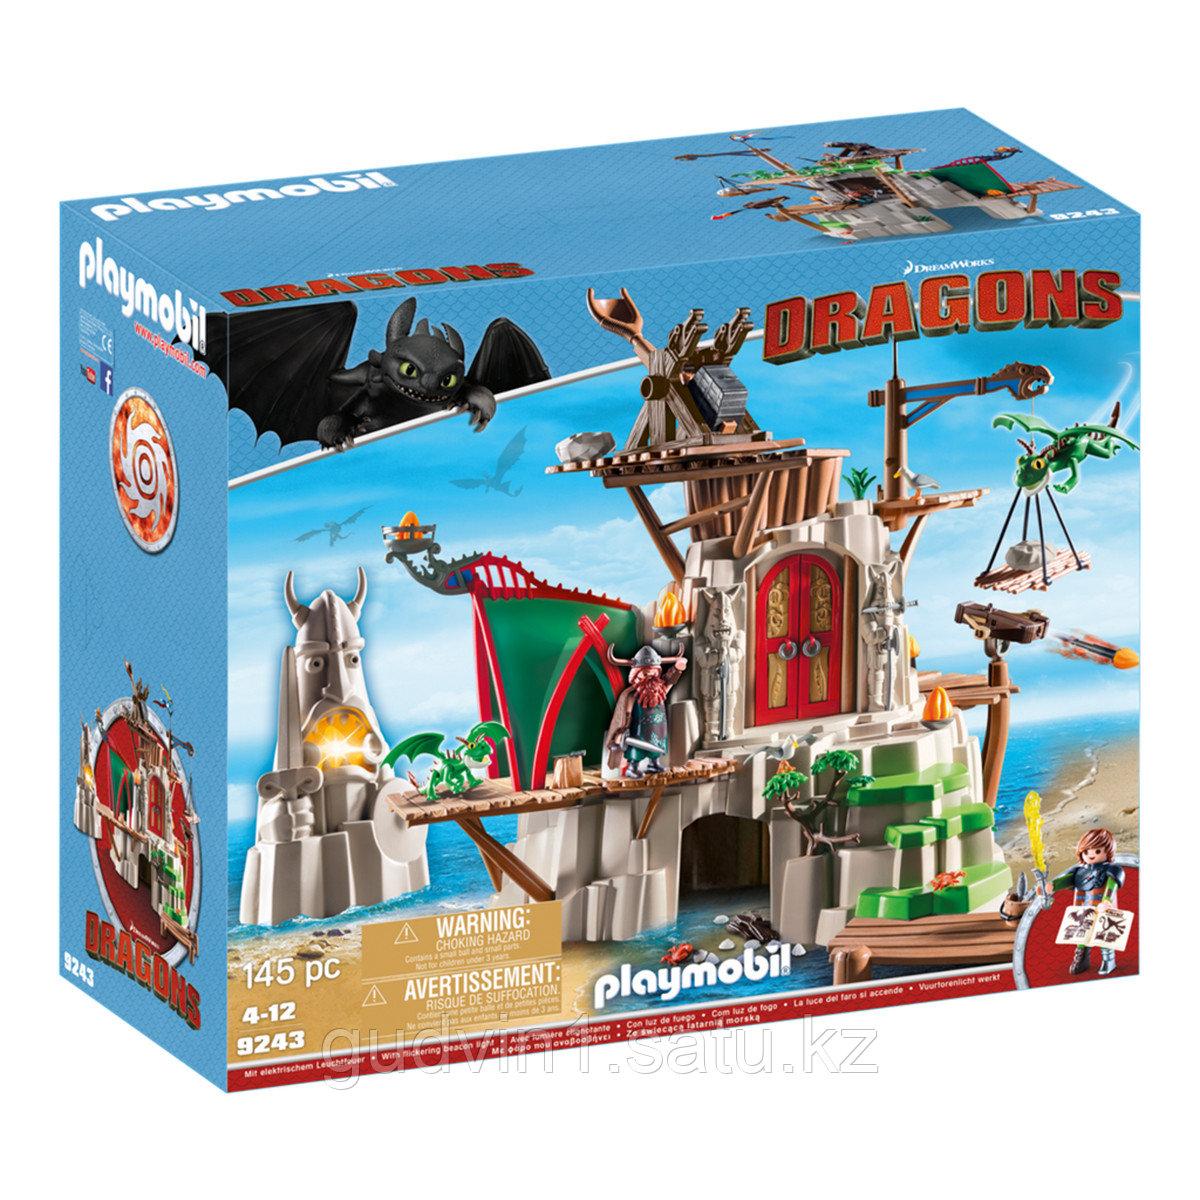 Конструктор Playmobil Драконы:  Олух 9243pm